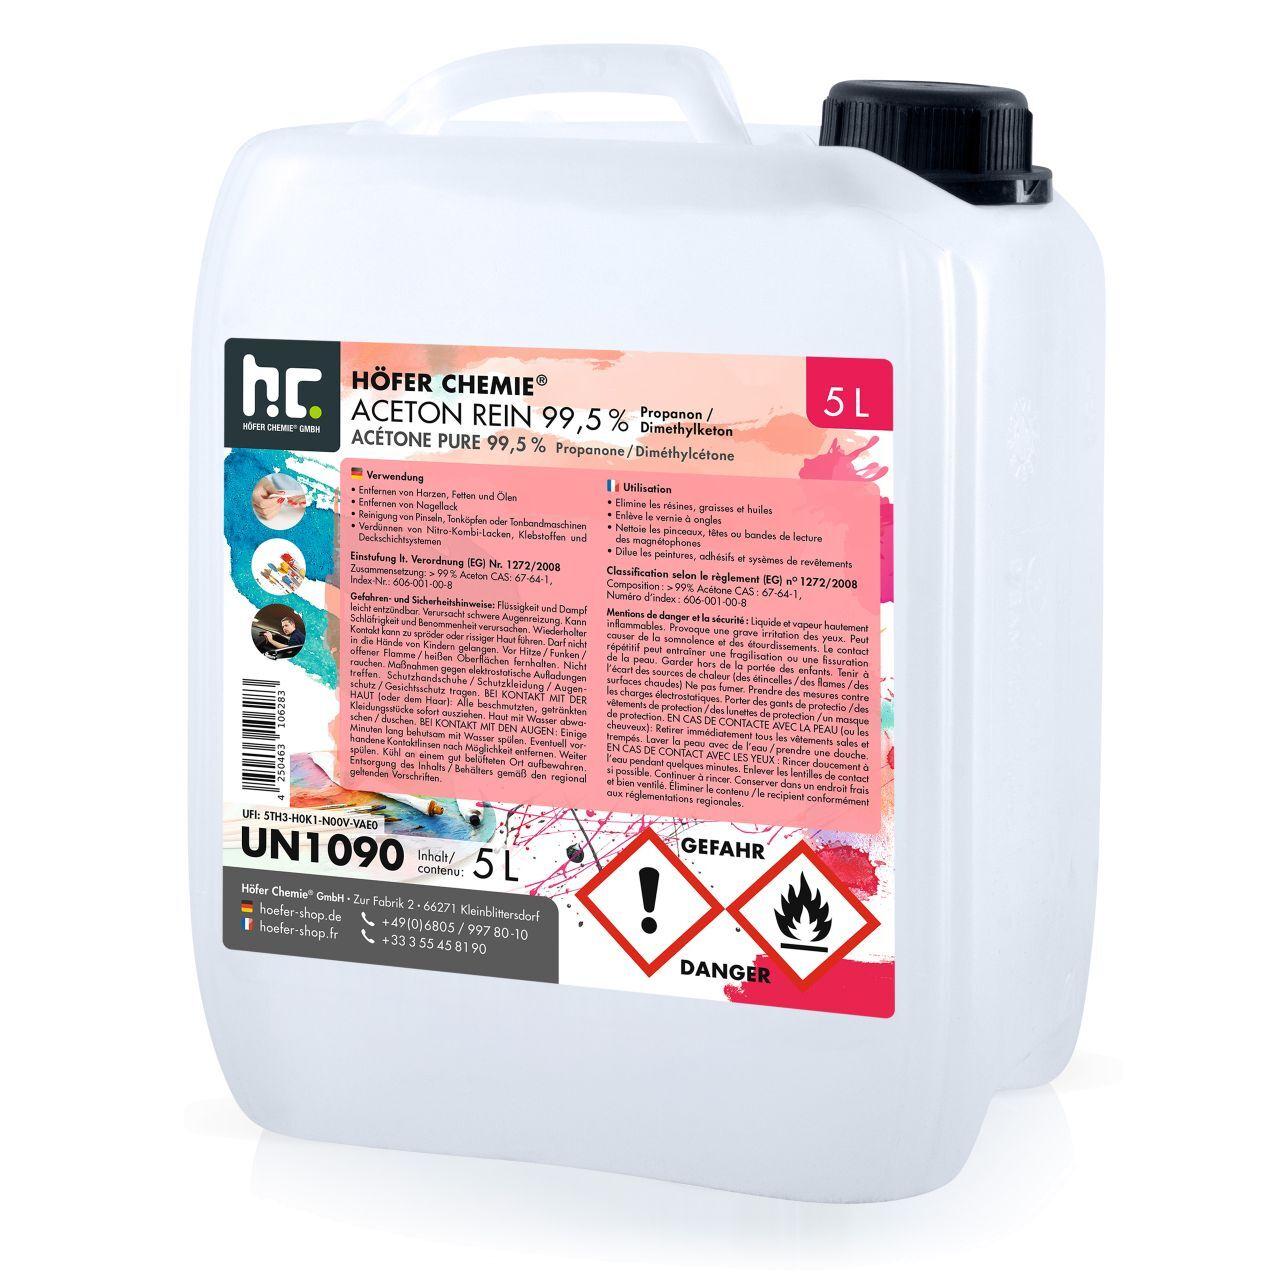 Höfer Chemie 10 l Acétone pur 99,5% (2 x 5 l)